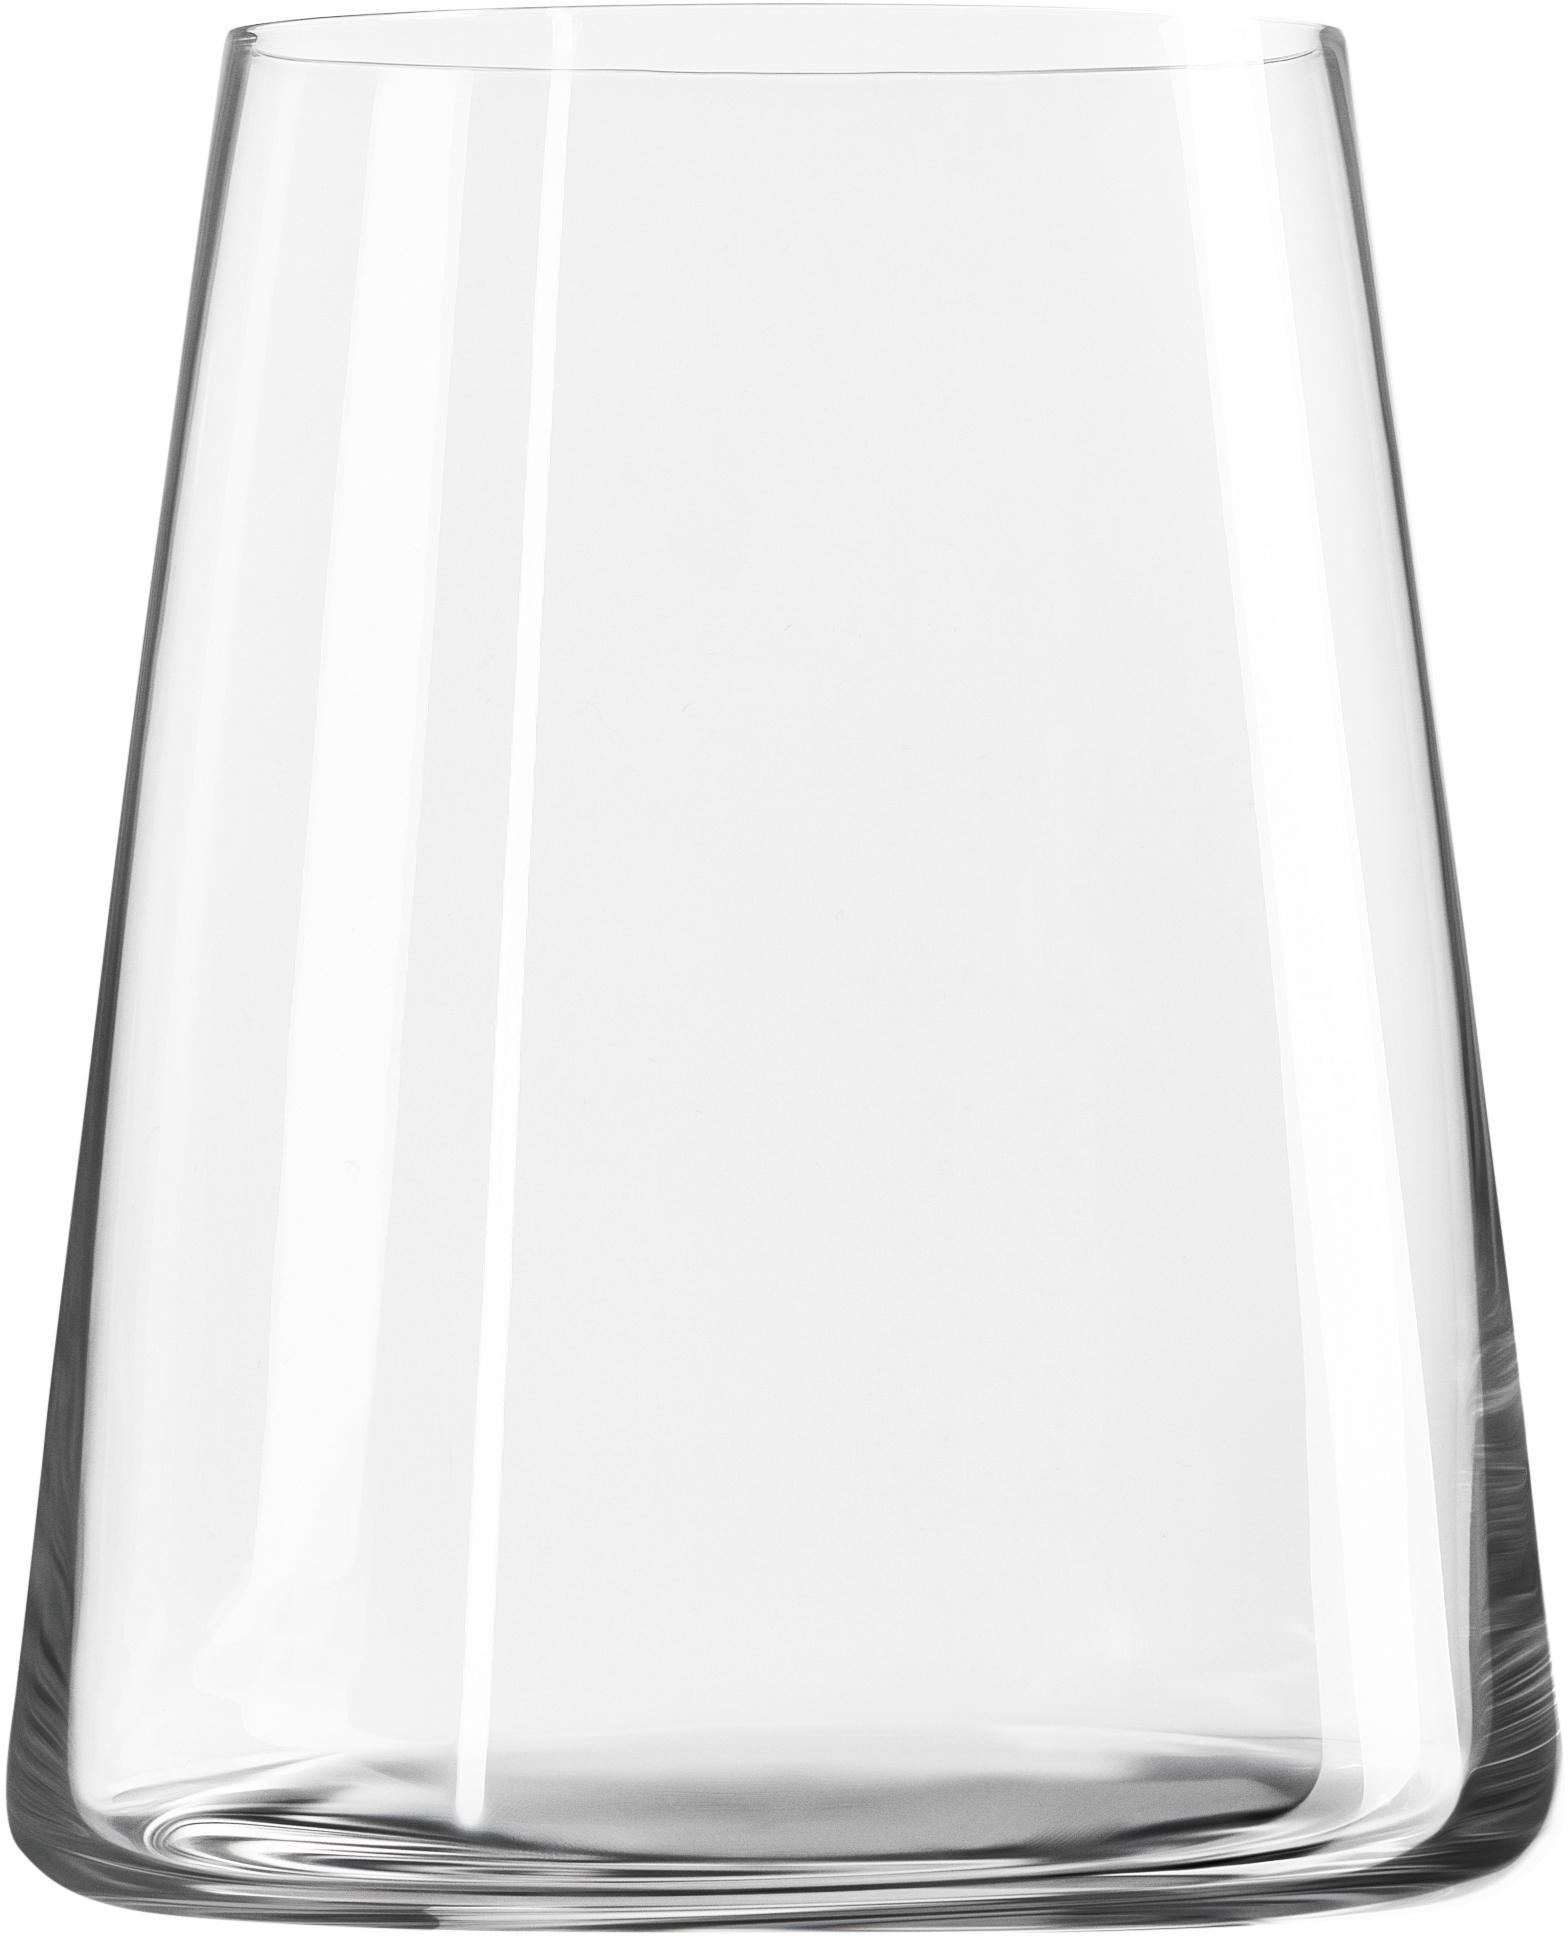 Verres en cristal Power, 6pièces, Transparent